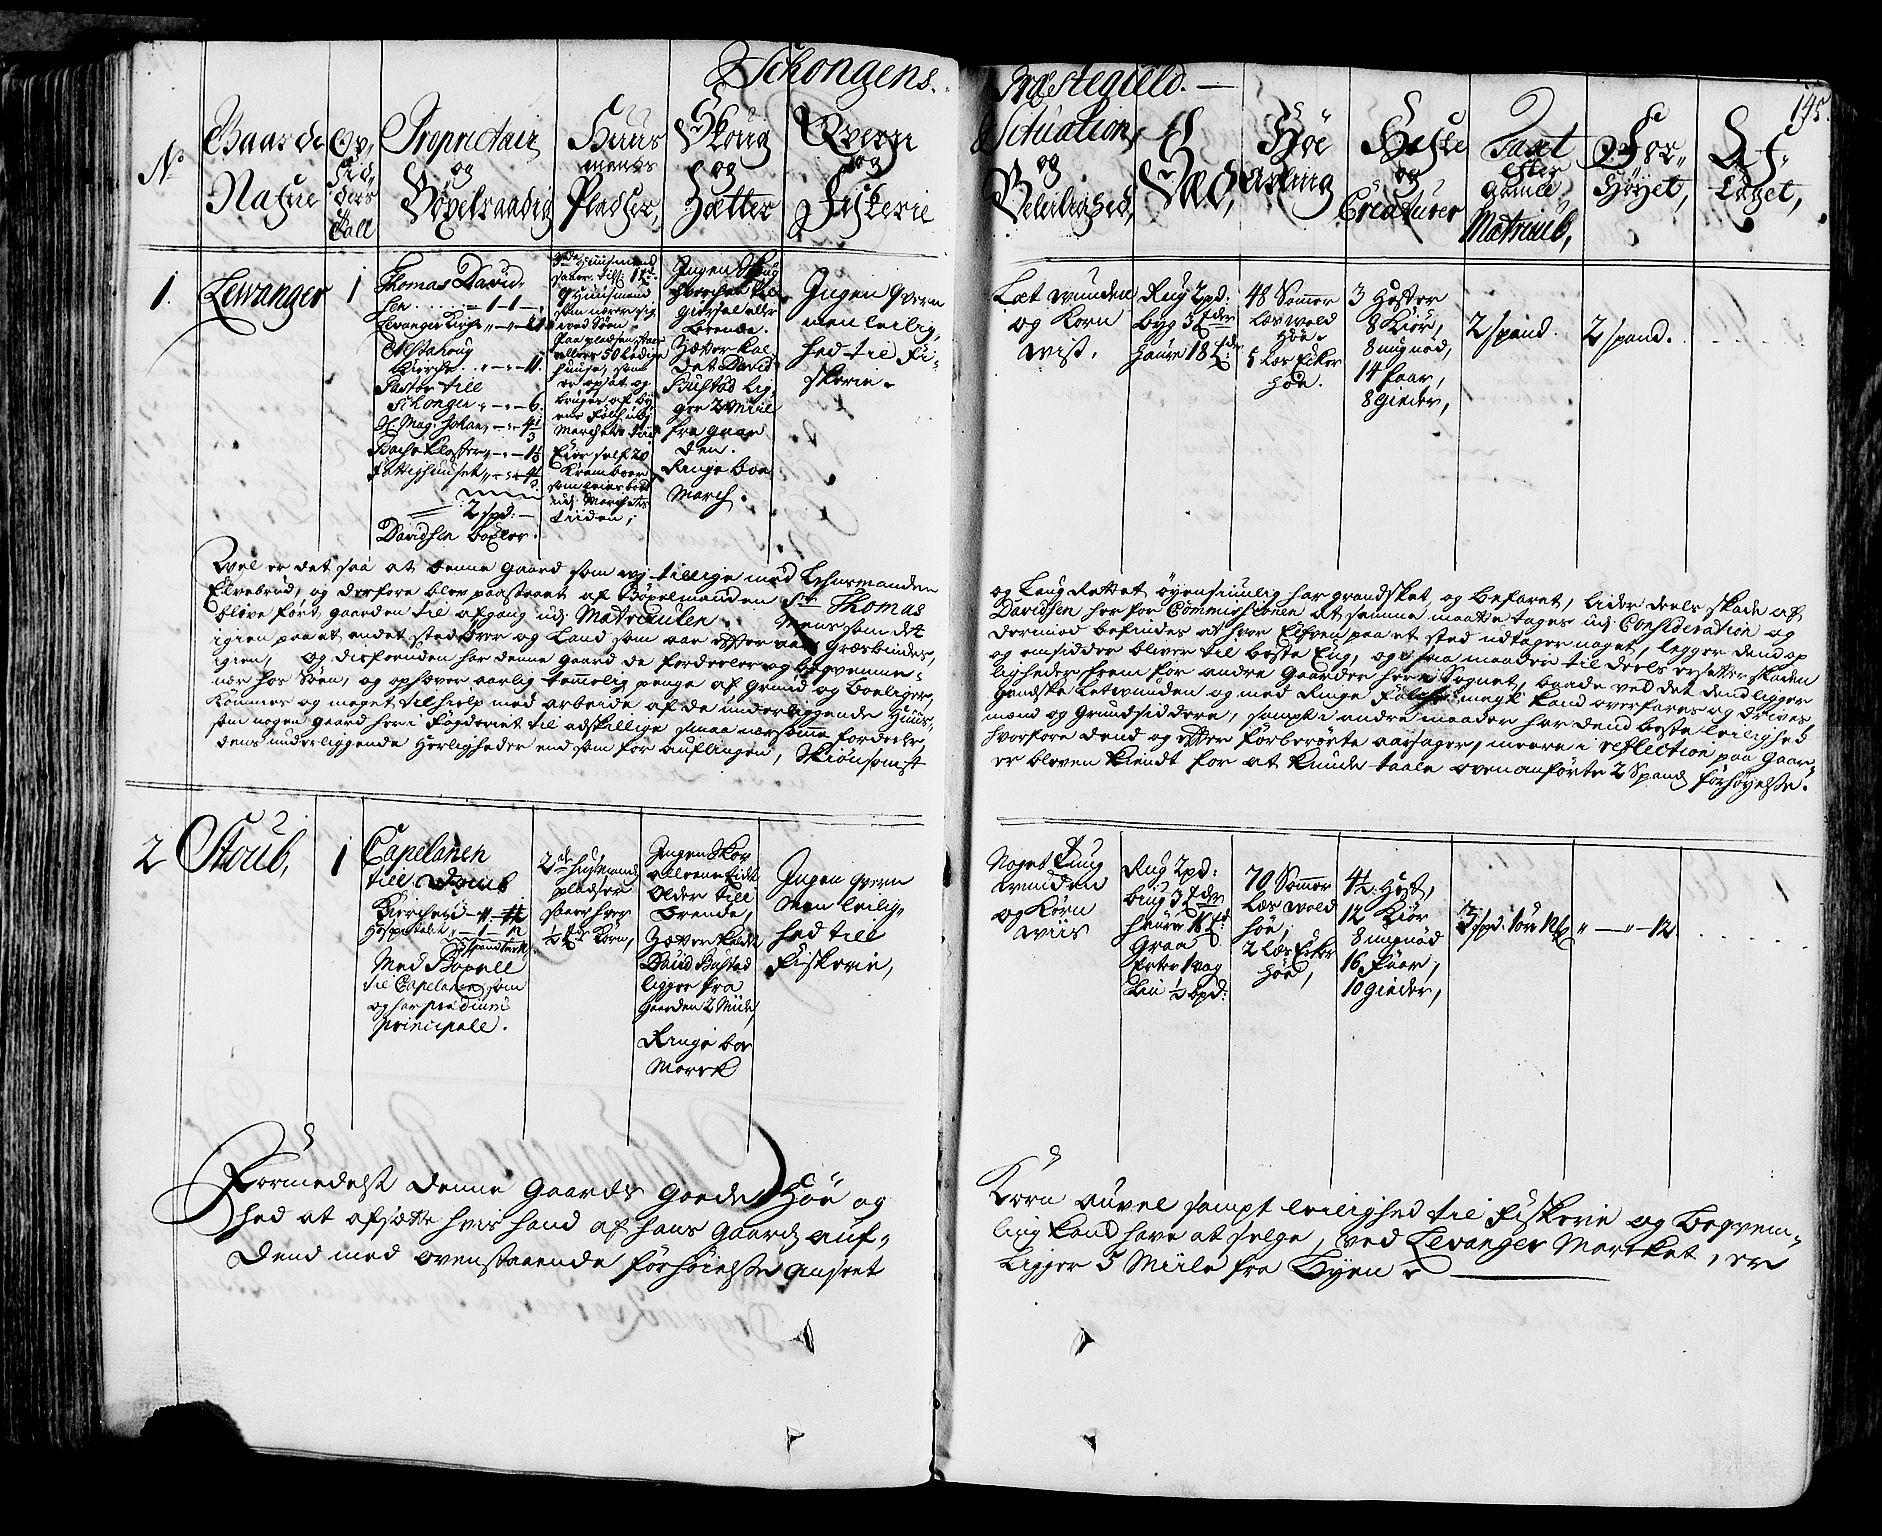 RA, Rentekammeret inntil 1814, Realistisk ordnet avdeling, N/Nb/Nbf/L0164: Stjørdal og Verdal eksaminasjonsprotokoll, 1723, s. 144b-145a